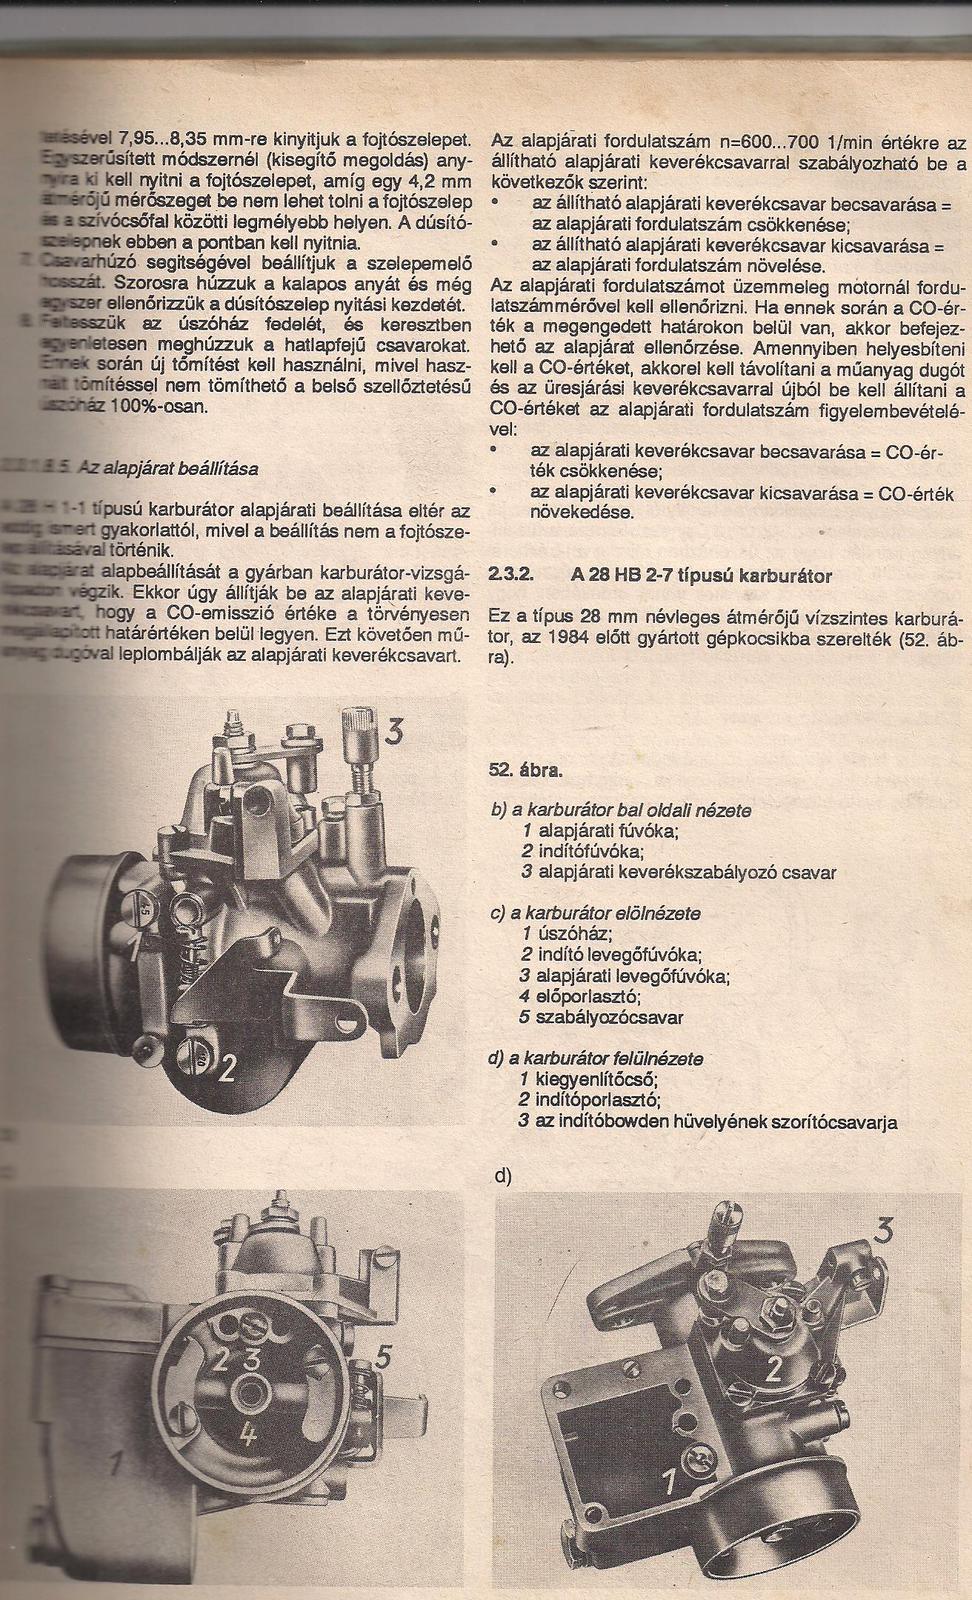 Trabant 1 1 karburátor gyári beállítás